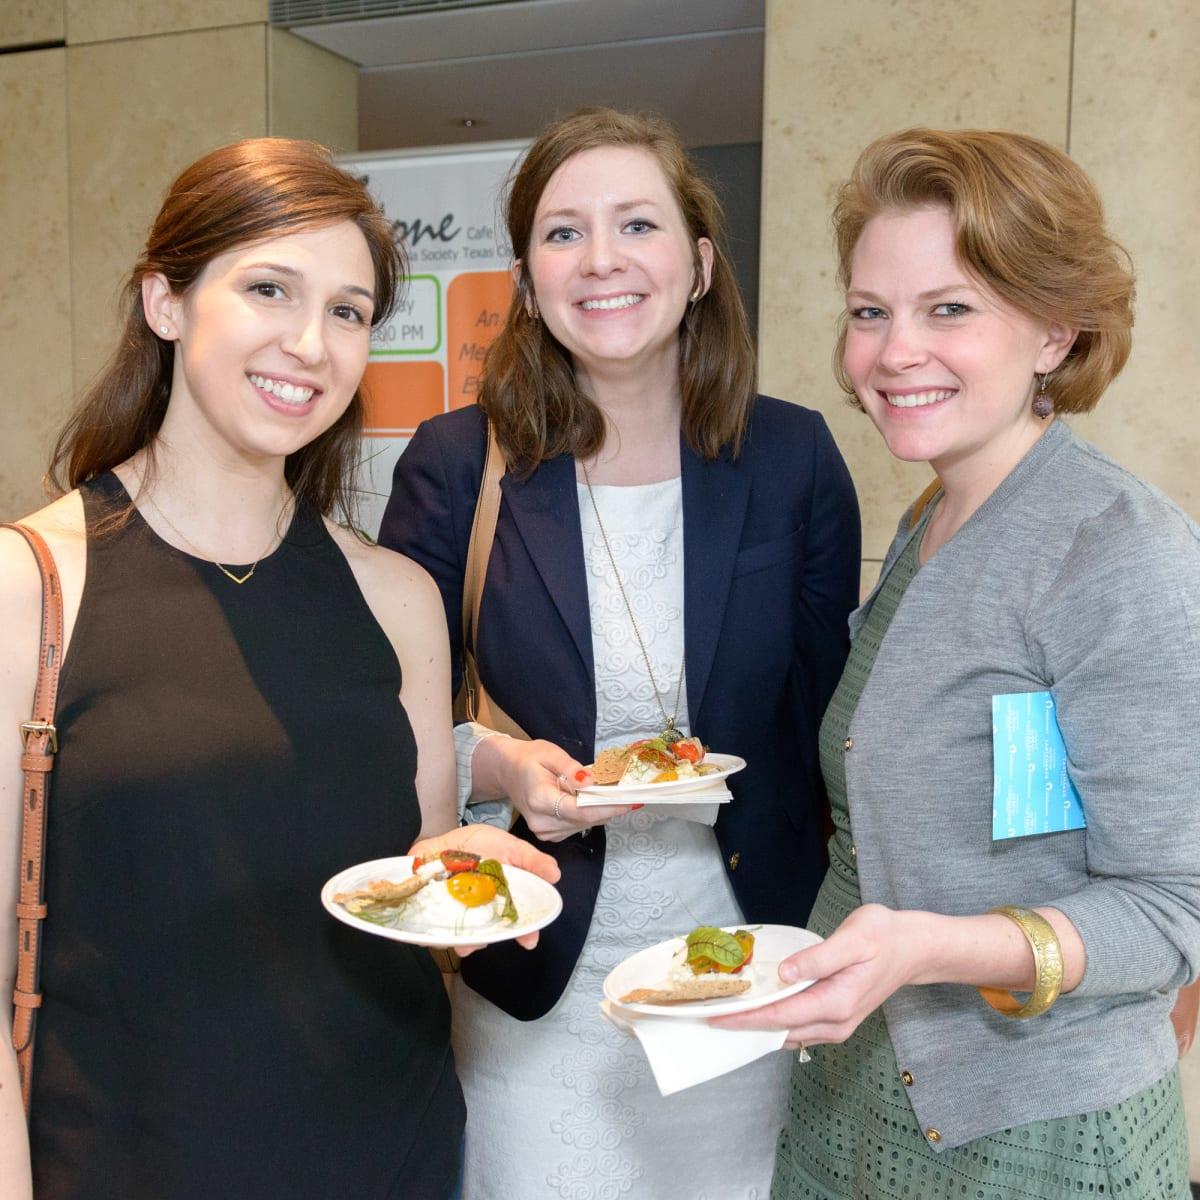 Tastemakers Houston 5/16,  Melissa Fuller, Mary Kimmitt, Jessica Hartman